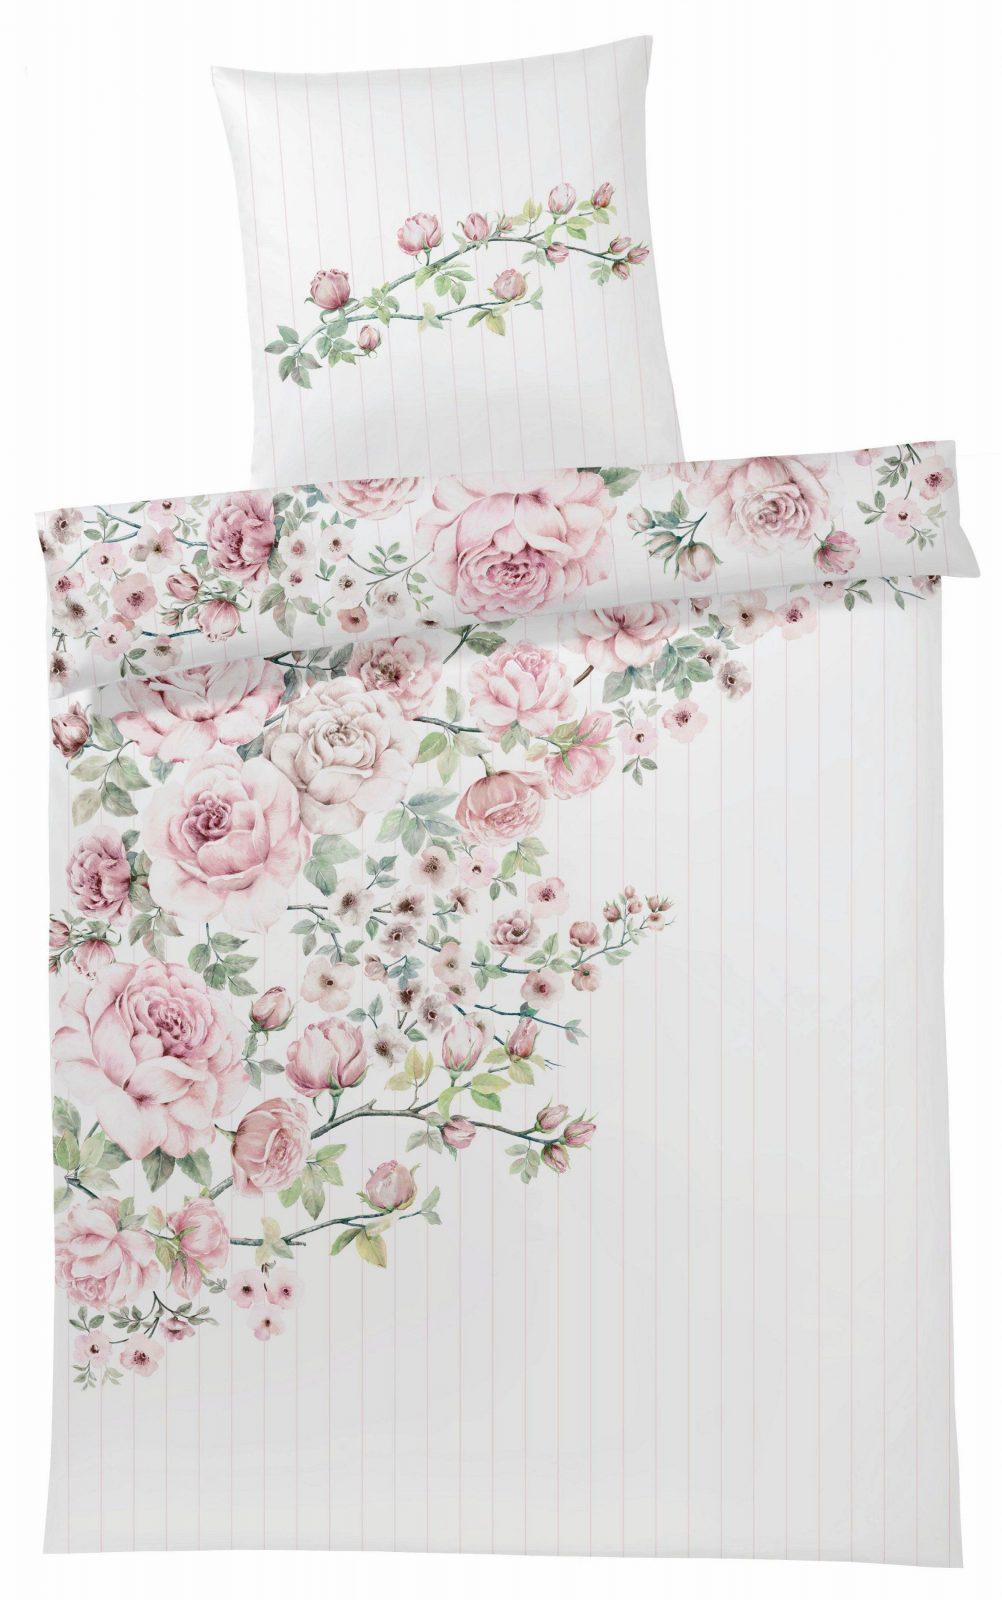 Bettwäsche Elegante Princess Rose Mit Rosen Auf Raten  Baur von Bettwäsche Mit Rosenmotiv Bild